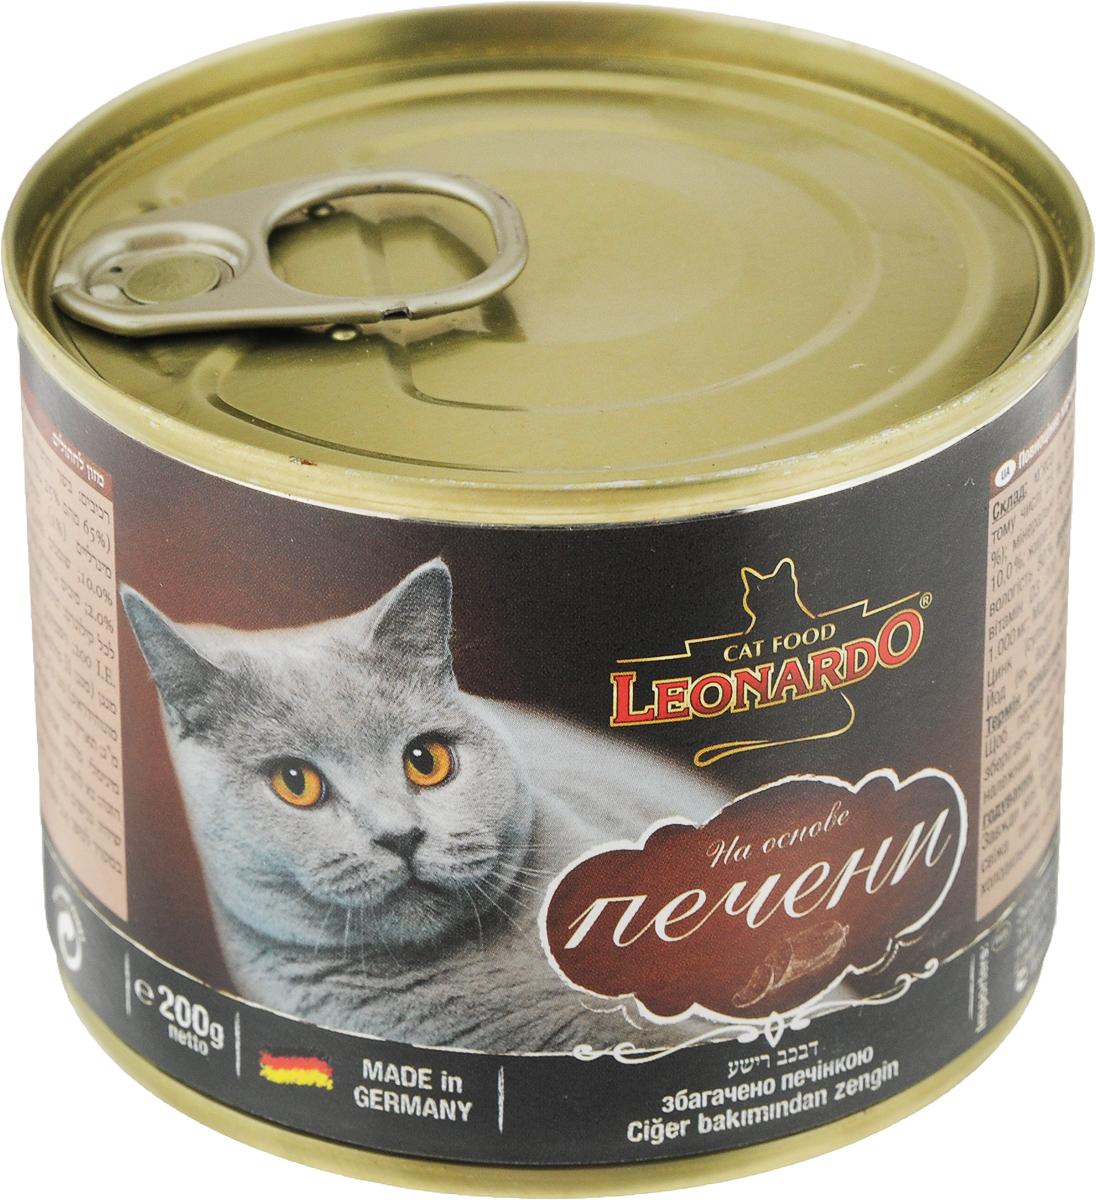 Корм консервированный Leonardo для кошек, на основе печени, 200 г65926Консервированный корм Leonardo - полноценное питание для кошек. Корм изготовлен из натуральных ингредиентов и несомненно понравится вашему питомцу. Он содержит все питательные вещества, витамины и минералы, необходимые для сбалансированного питания вашей кошки каждый день. Это изысканное блюдо - яркий пример того, как простые ингредиенты в руках истинного кулинара превращаются в удивительно вкусное блюдо.Товар сертифицирован.